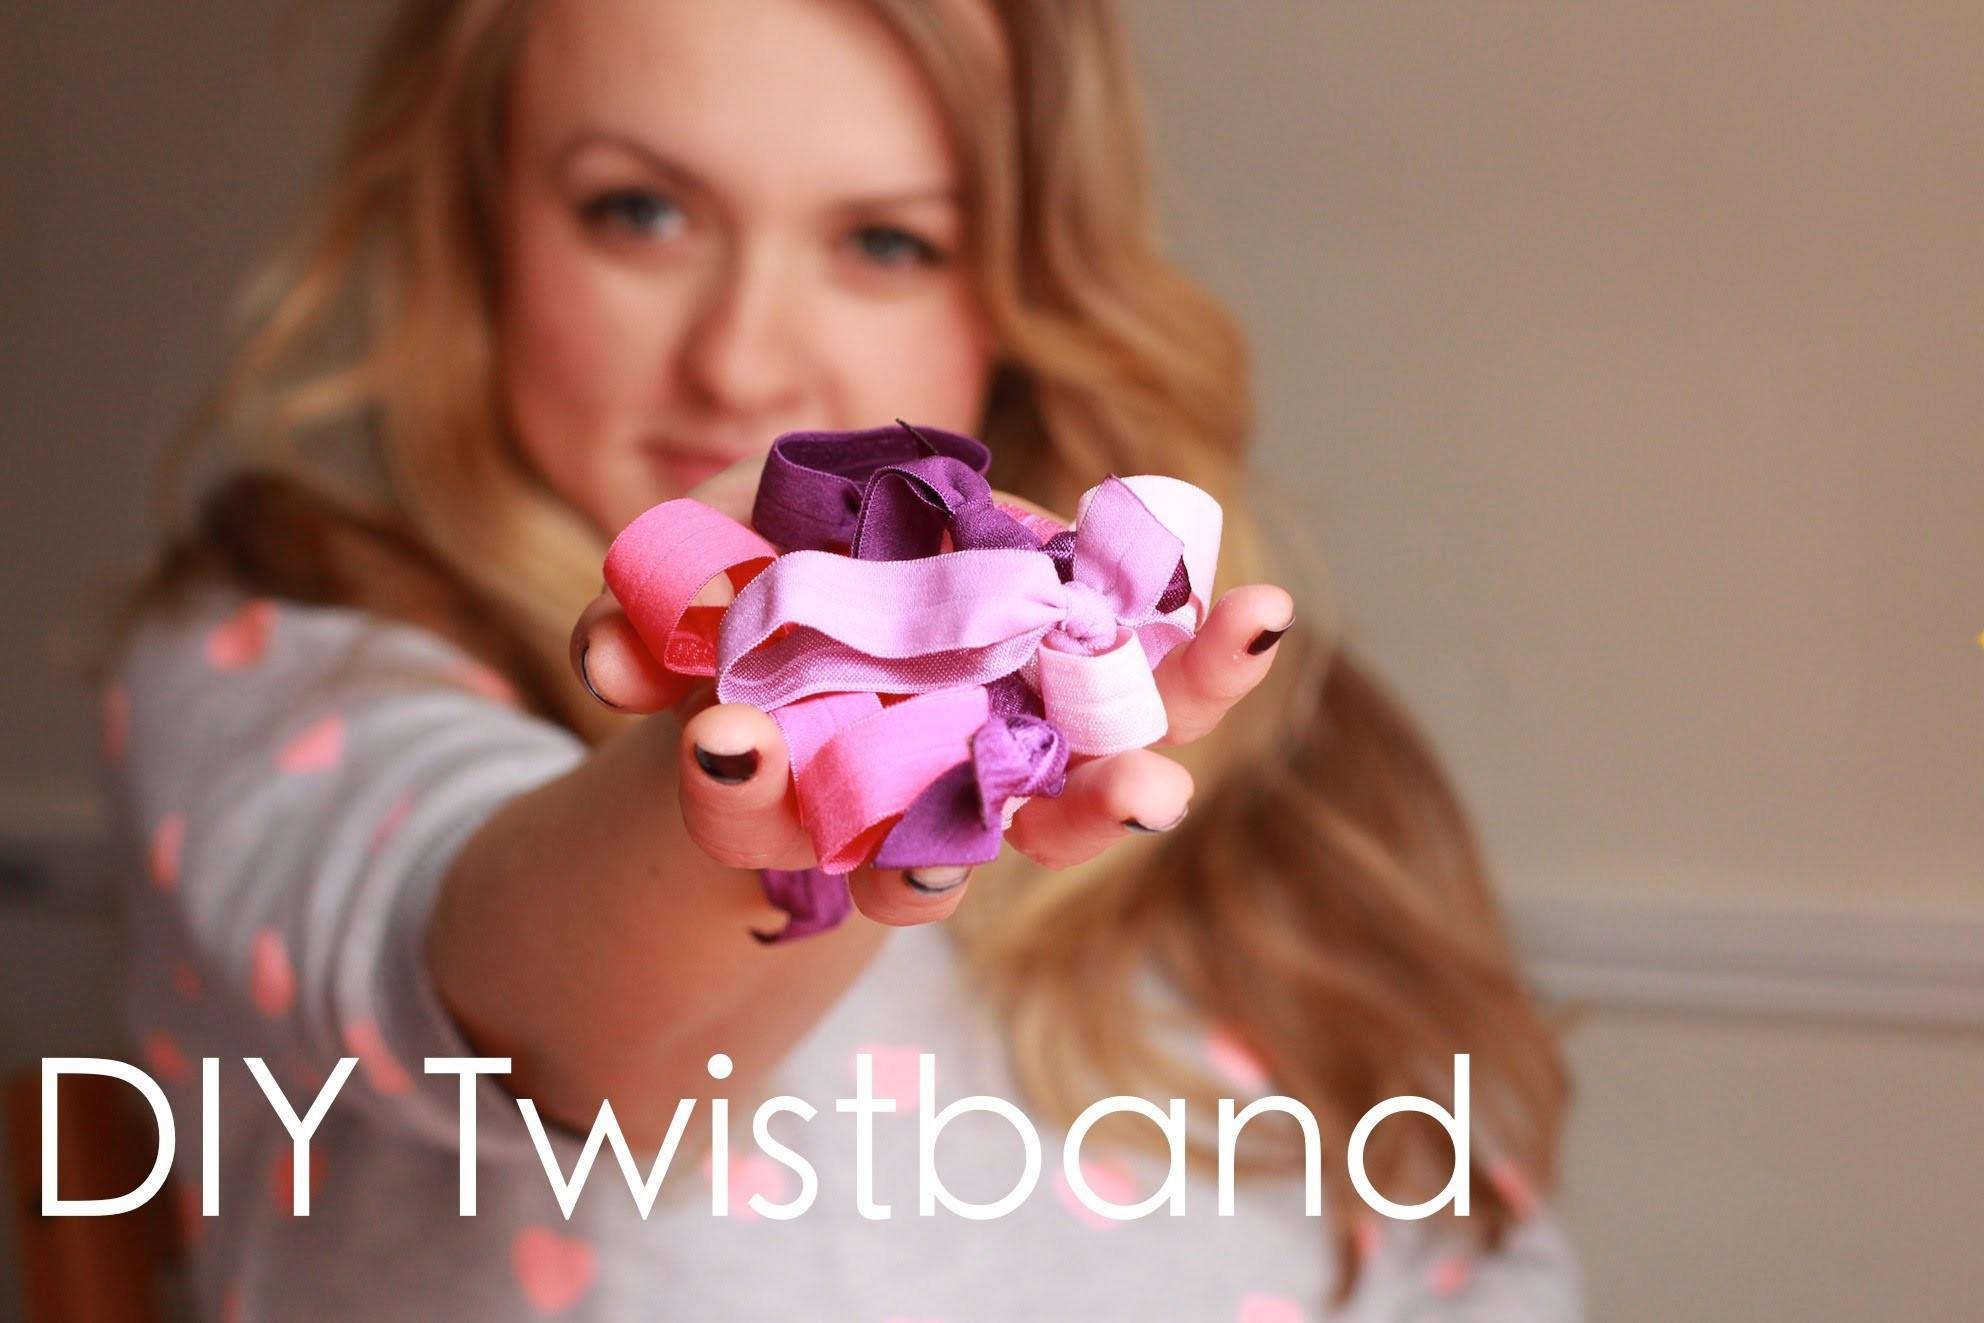 DIY Twistband, czyli kolorowe gumki do włosów